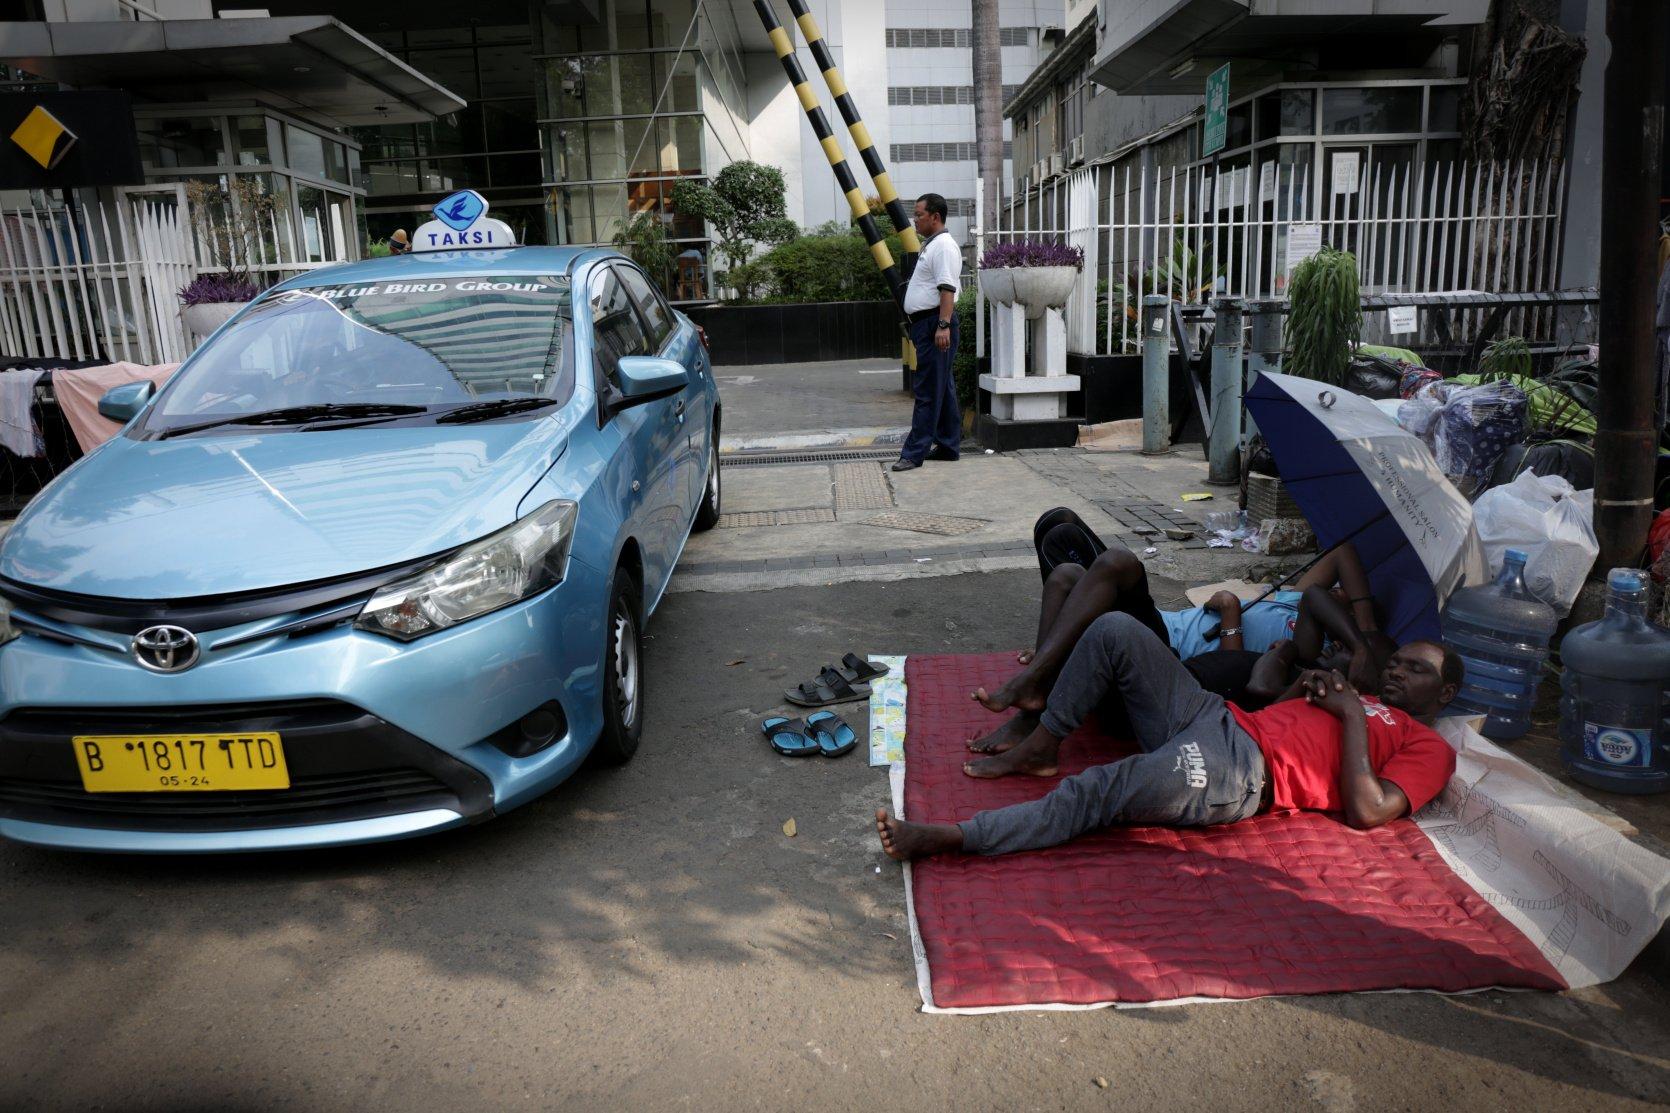 Para pencari suaka tidur di trotoar depan Menara Ravindo, Jalan Kebon Sirih, Jakarta, Rabu (3/7/2019). Para pencari suaka asal Somalia, Sudan dan Afganistan tersebut menetap di trotoar karena tak lagi memiliki uang untuk menyewa tempat tinggal dan ingin meminta pertolongan kepada United Nations High Commissioner for Refugees (UNHCR).